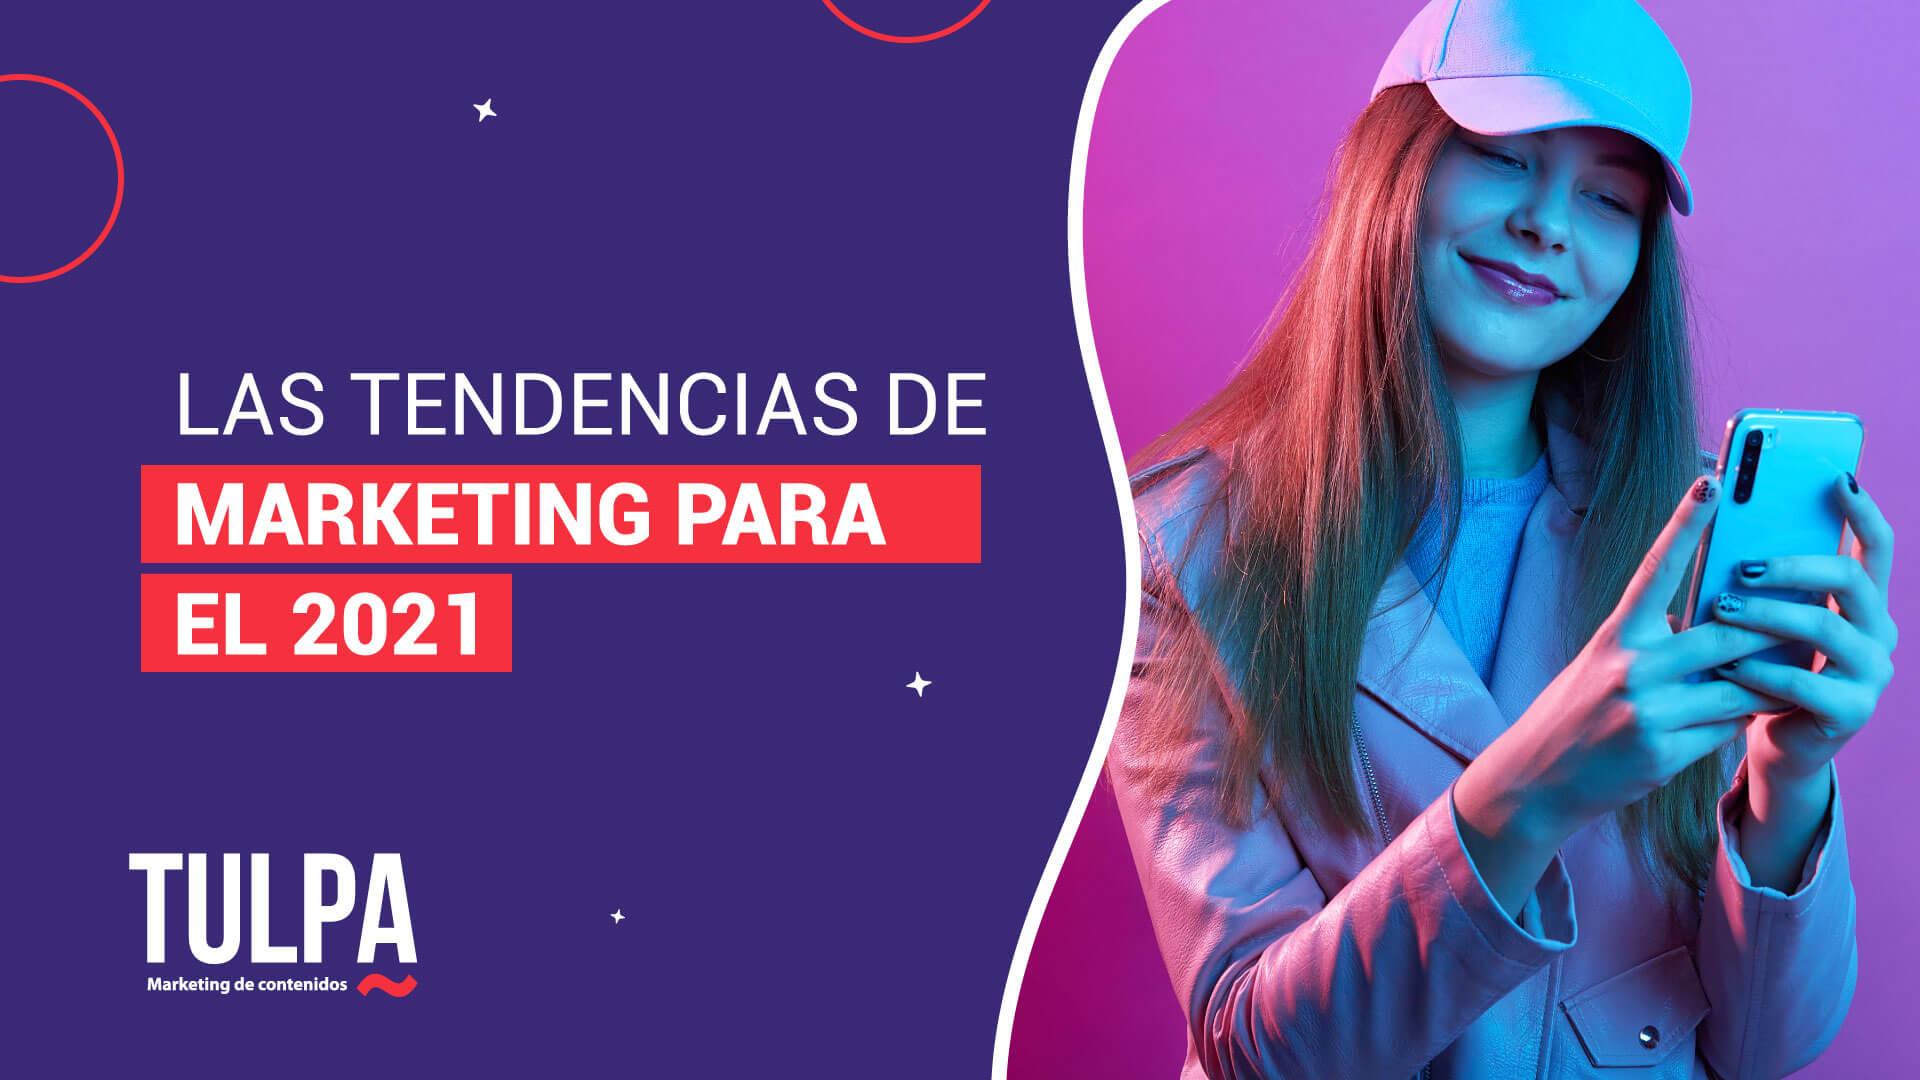 Tendencias de marketing para el 2021.